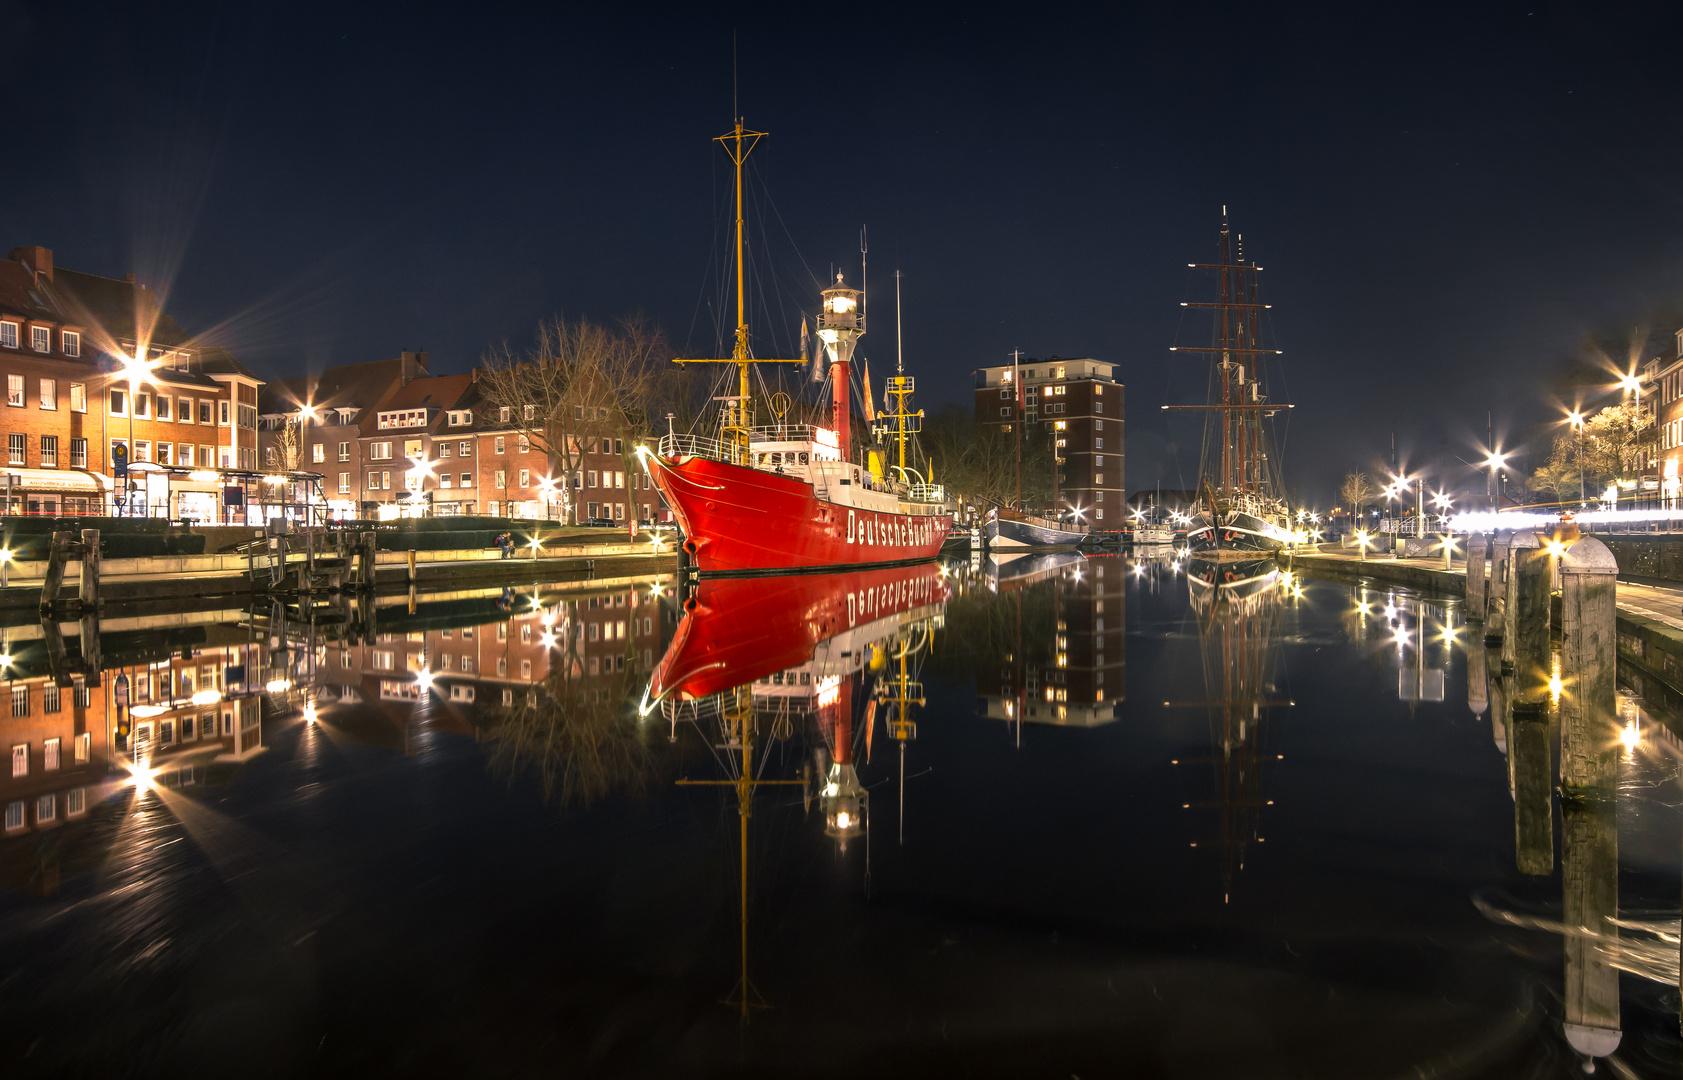 ... Hafen von Emden